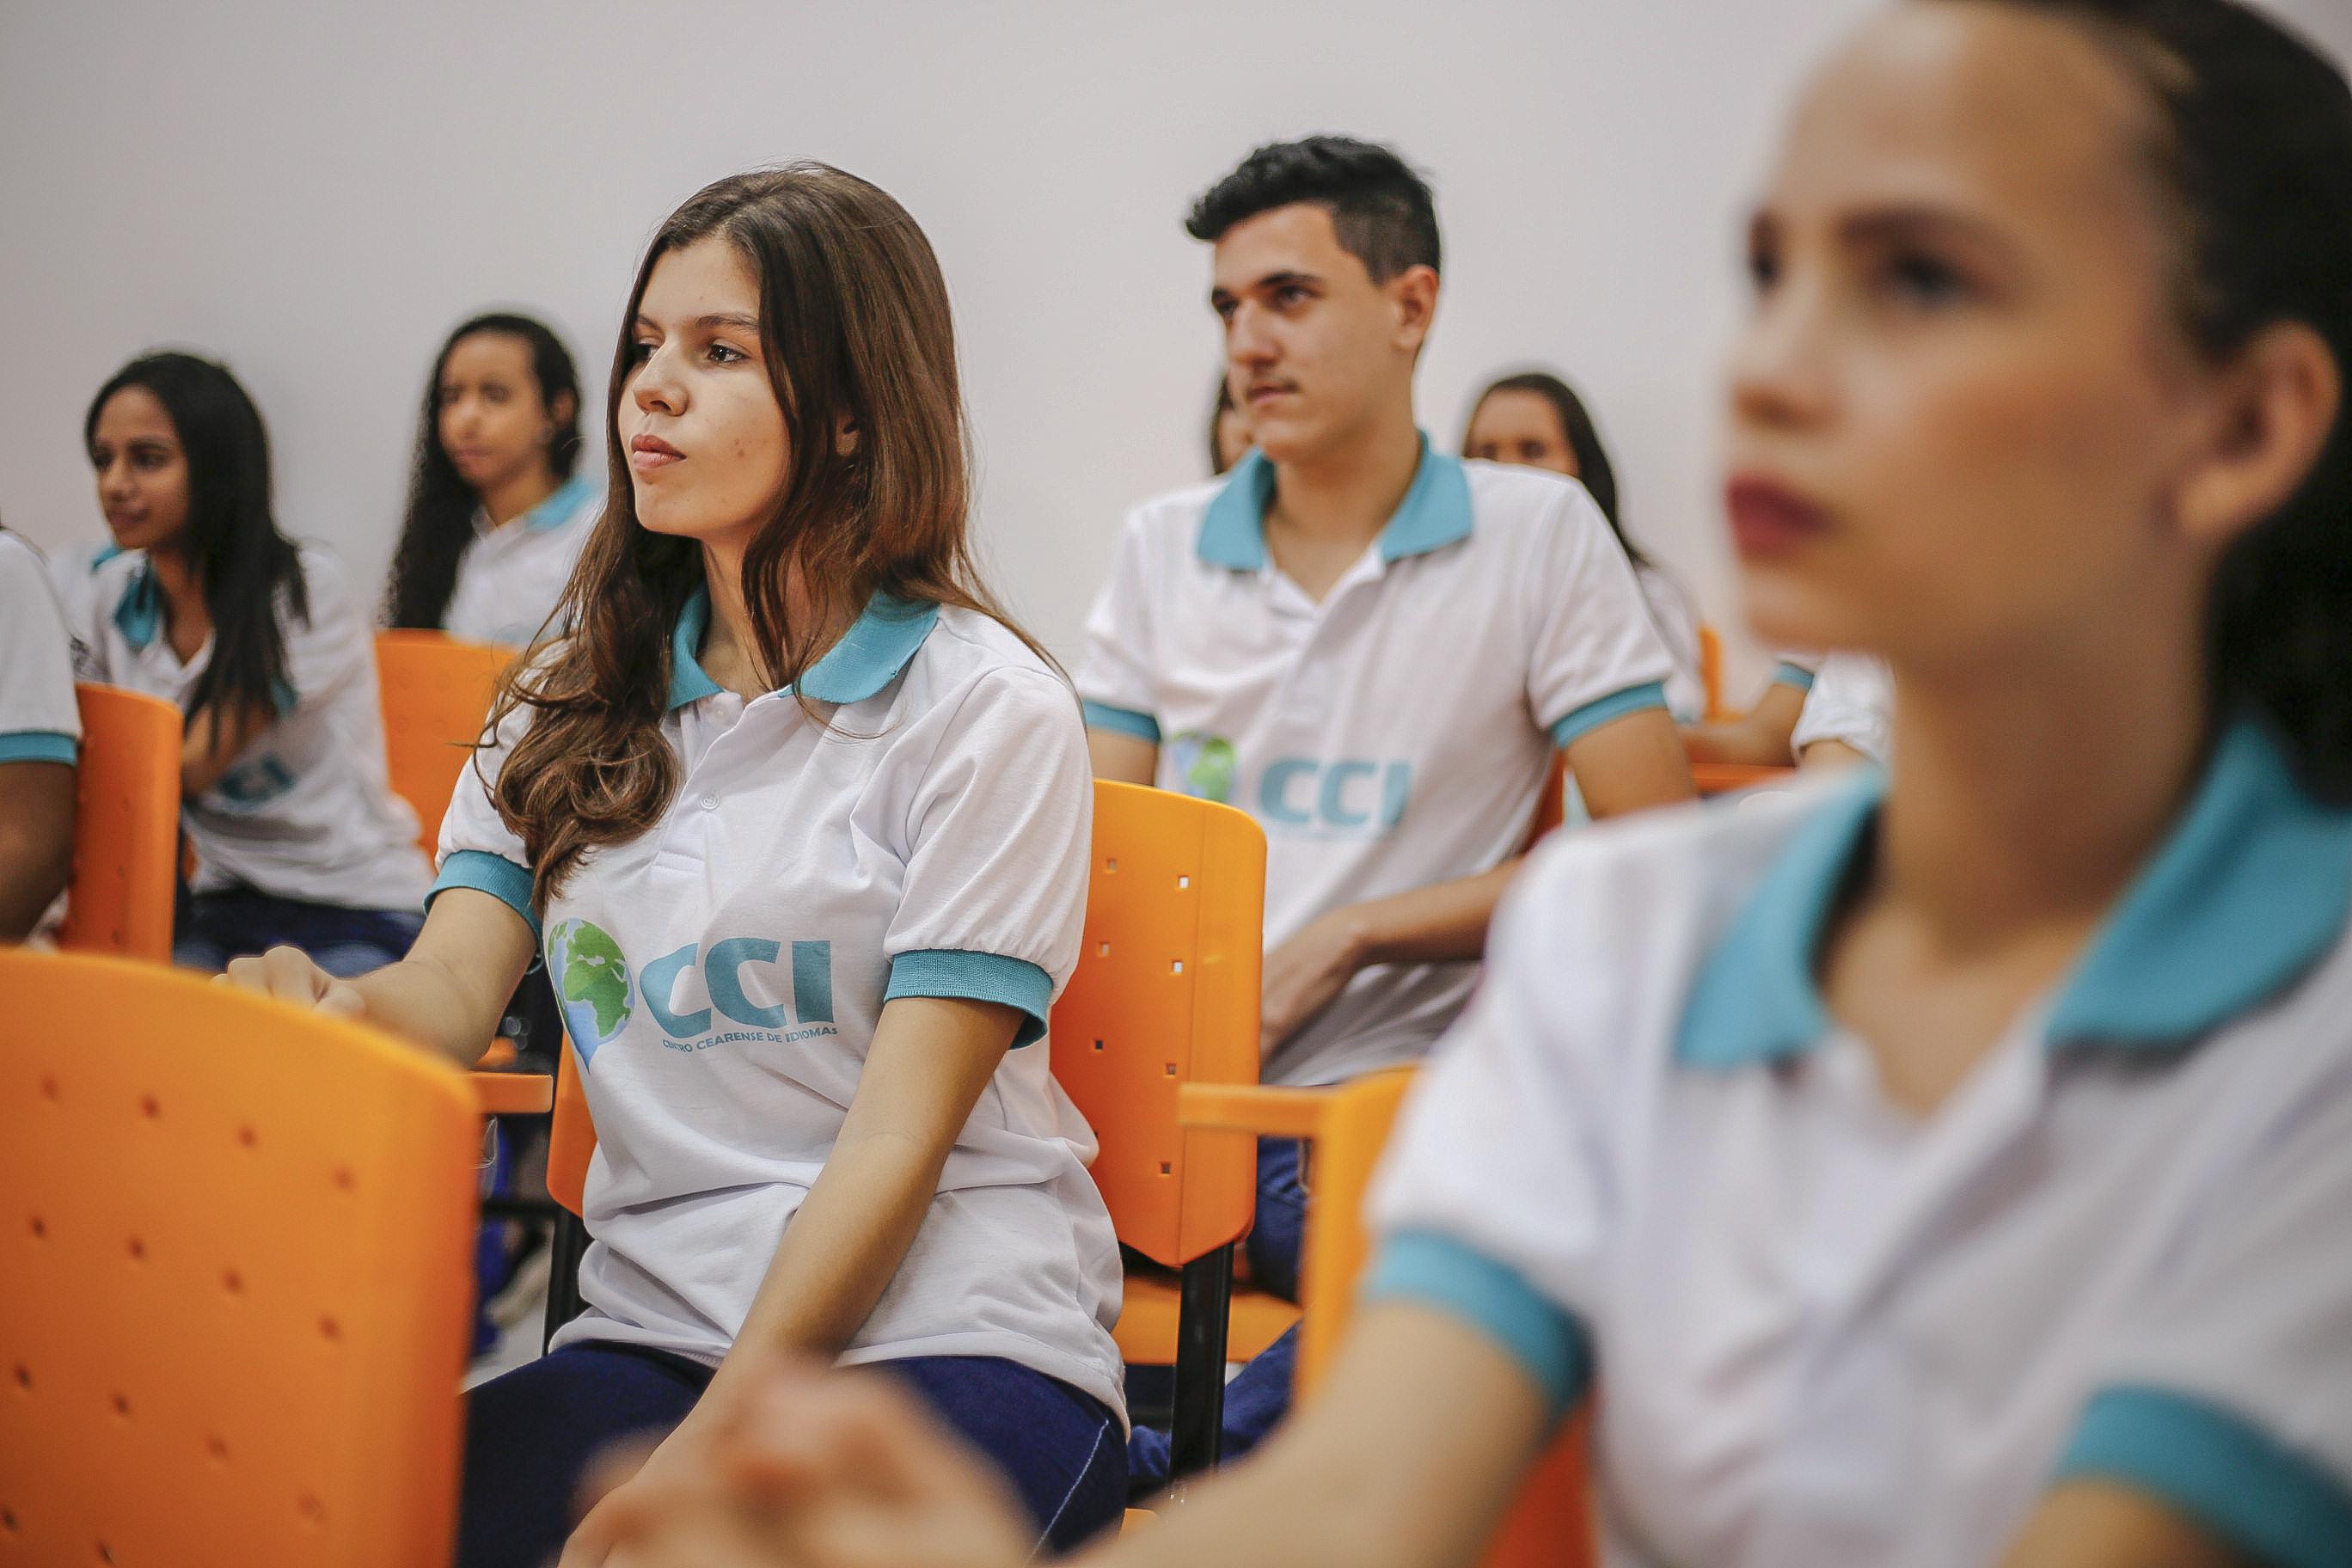 CCI de Maranguape: Alunos da rede pública ganham oportunidade de aprender gratuitamente outro idioma